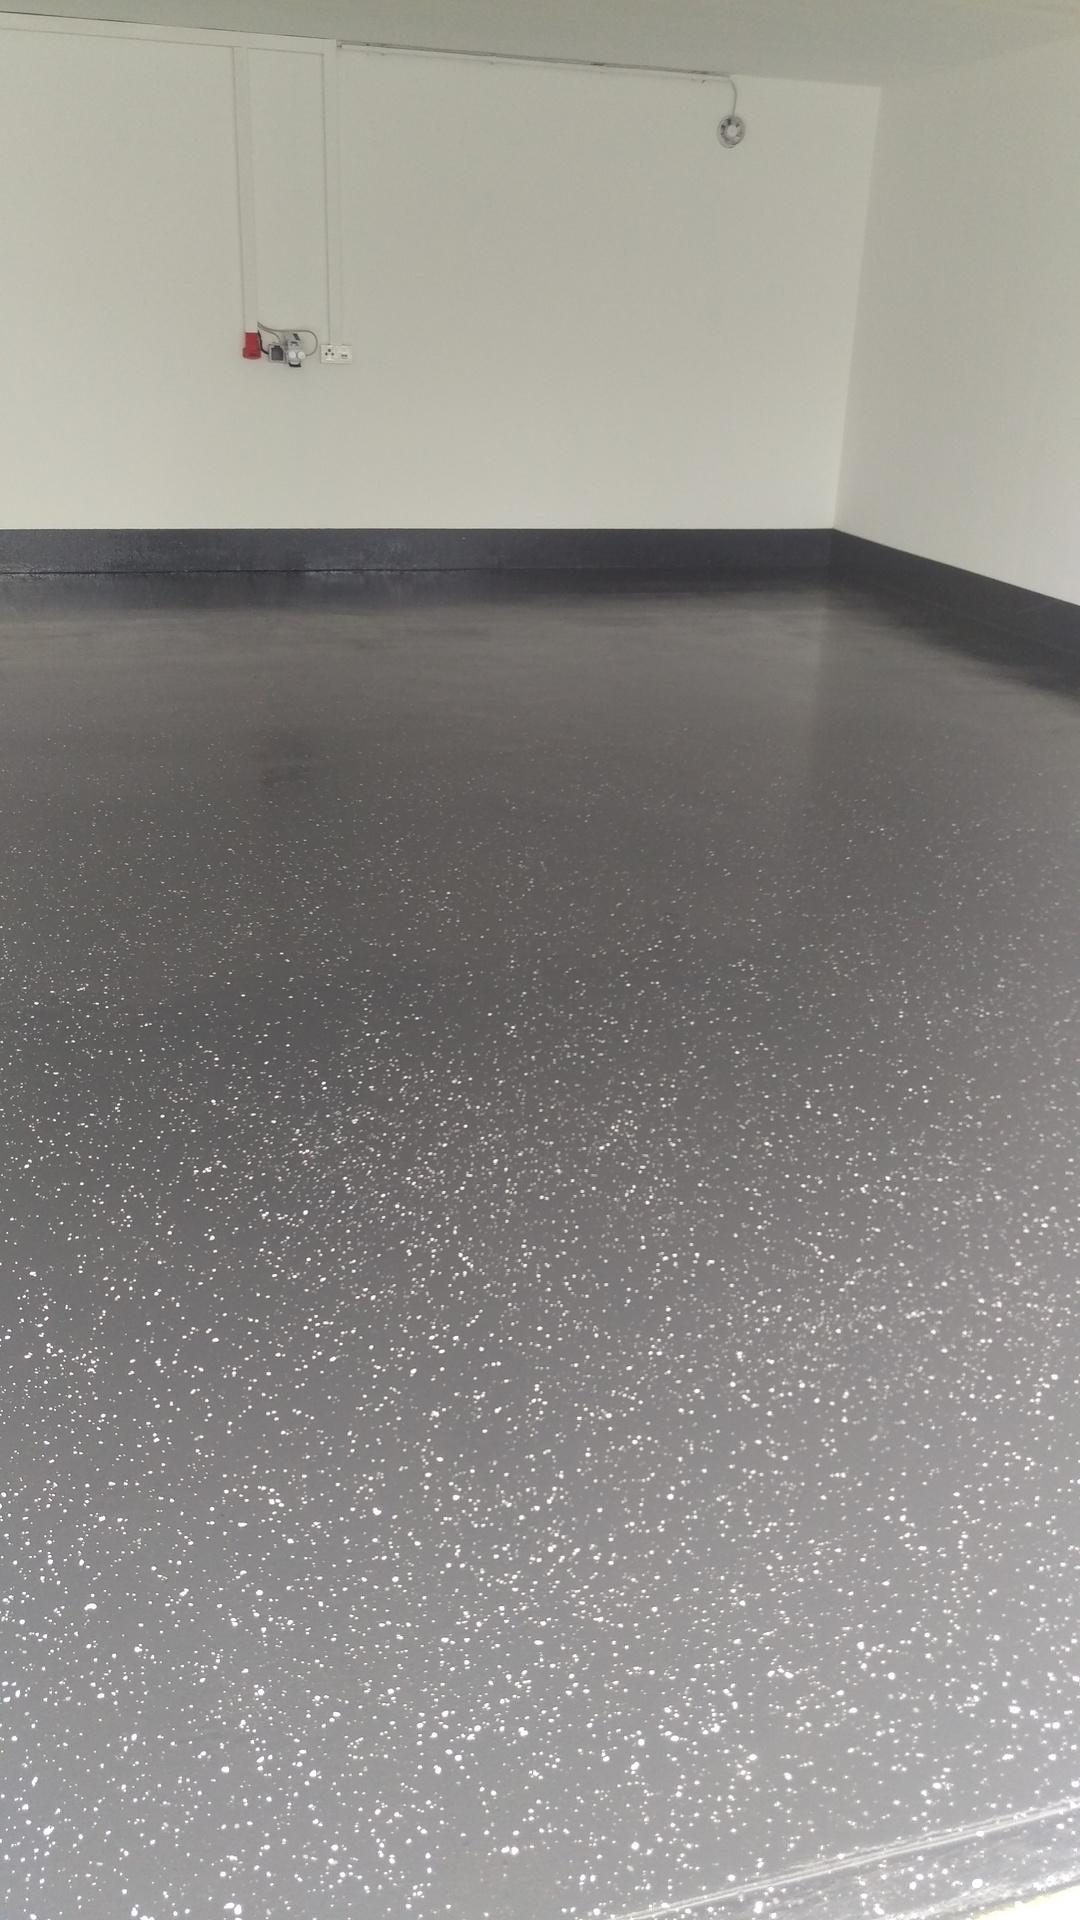 Epoxidharz Werkstattboden Beschichtung Erfahrungen Hilfe